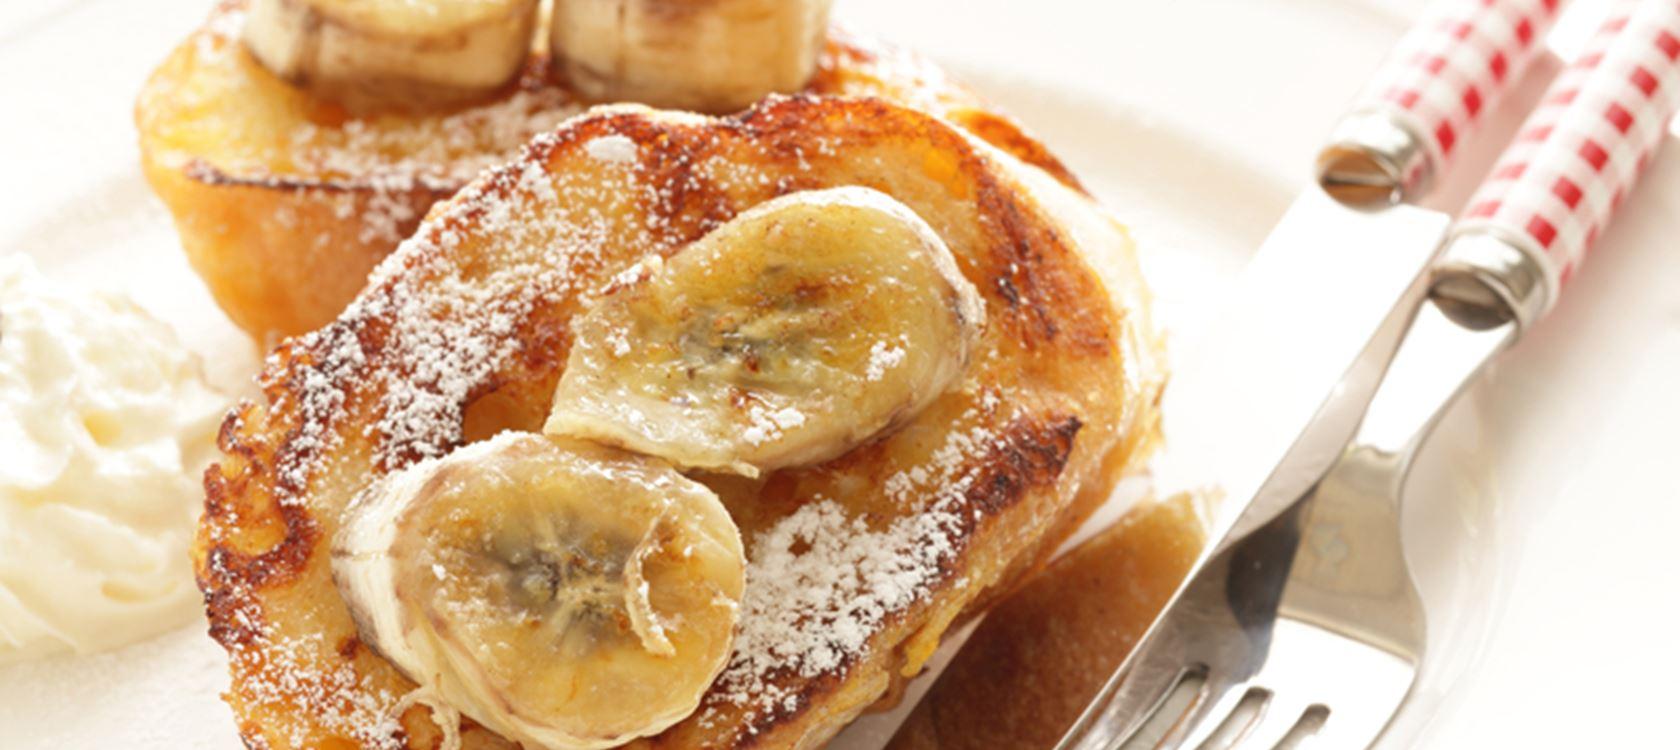 Αυγόφετες με μπανάνα και μέλι